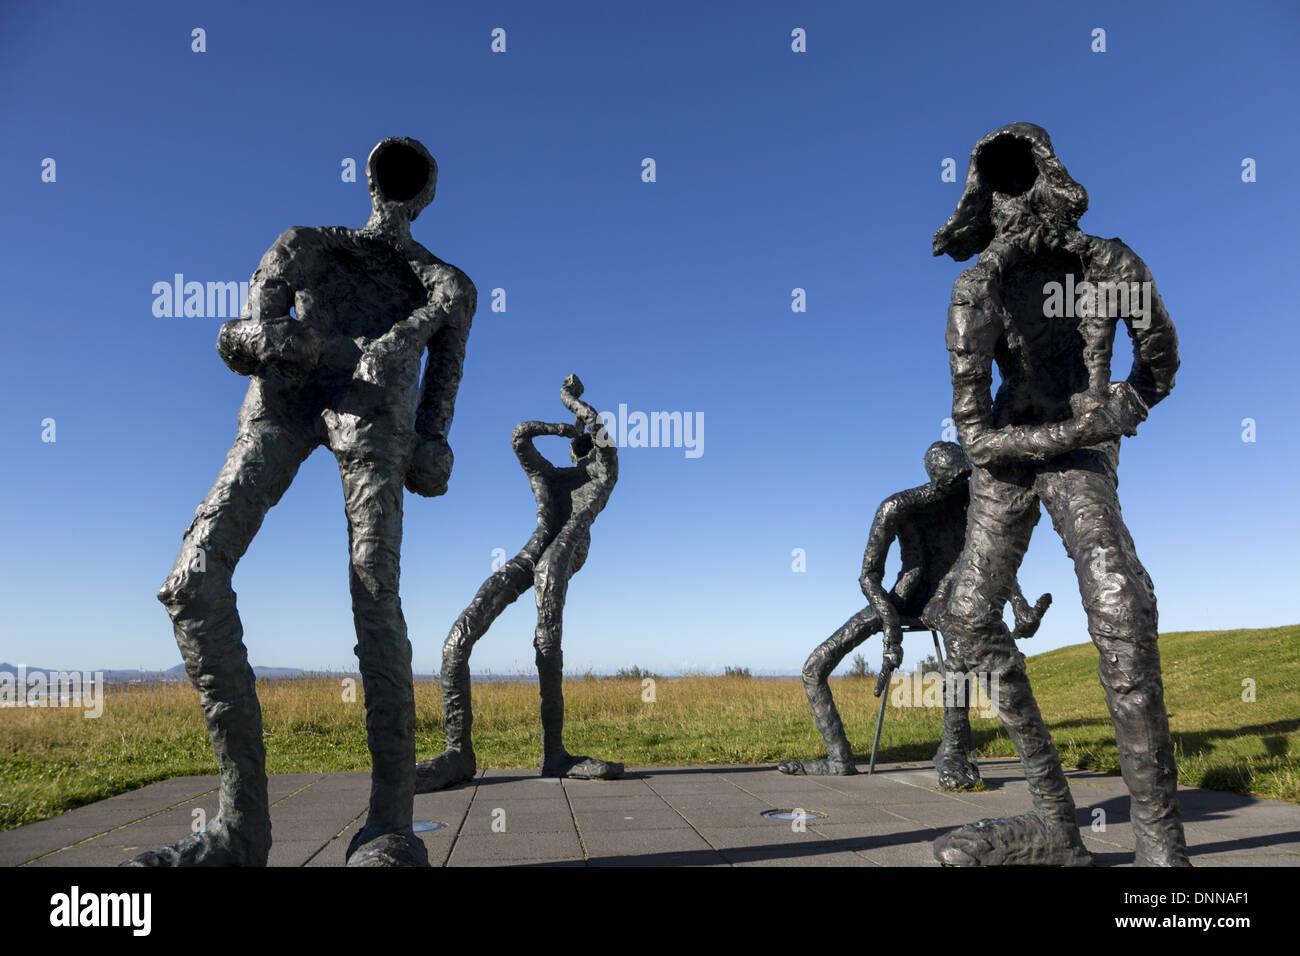 'Dance' sculptures by Torbjorg Palsdottir 1970 outside Perlan, Reykjavik, Iceland - Stock Image